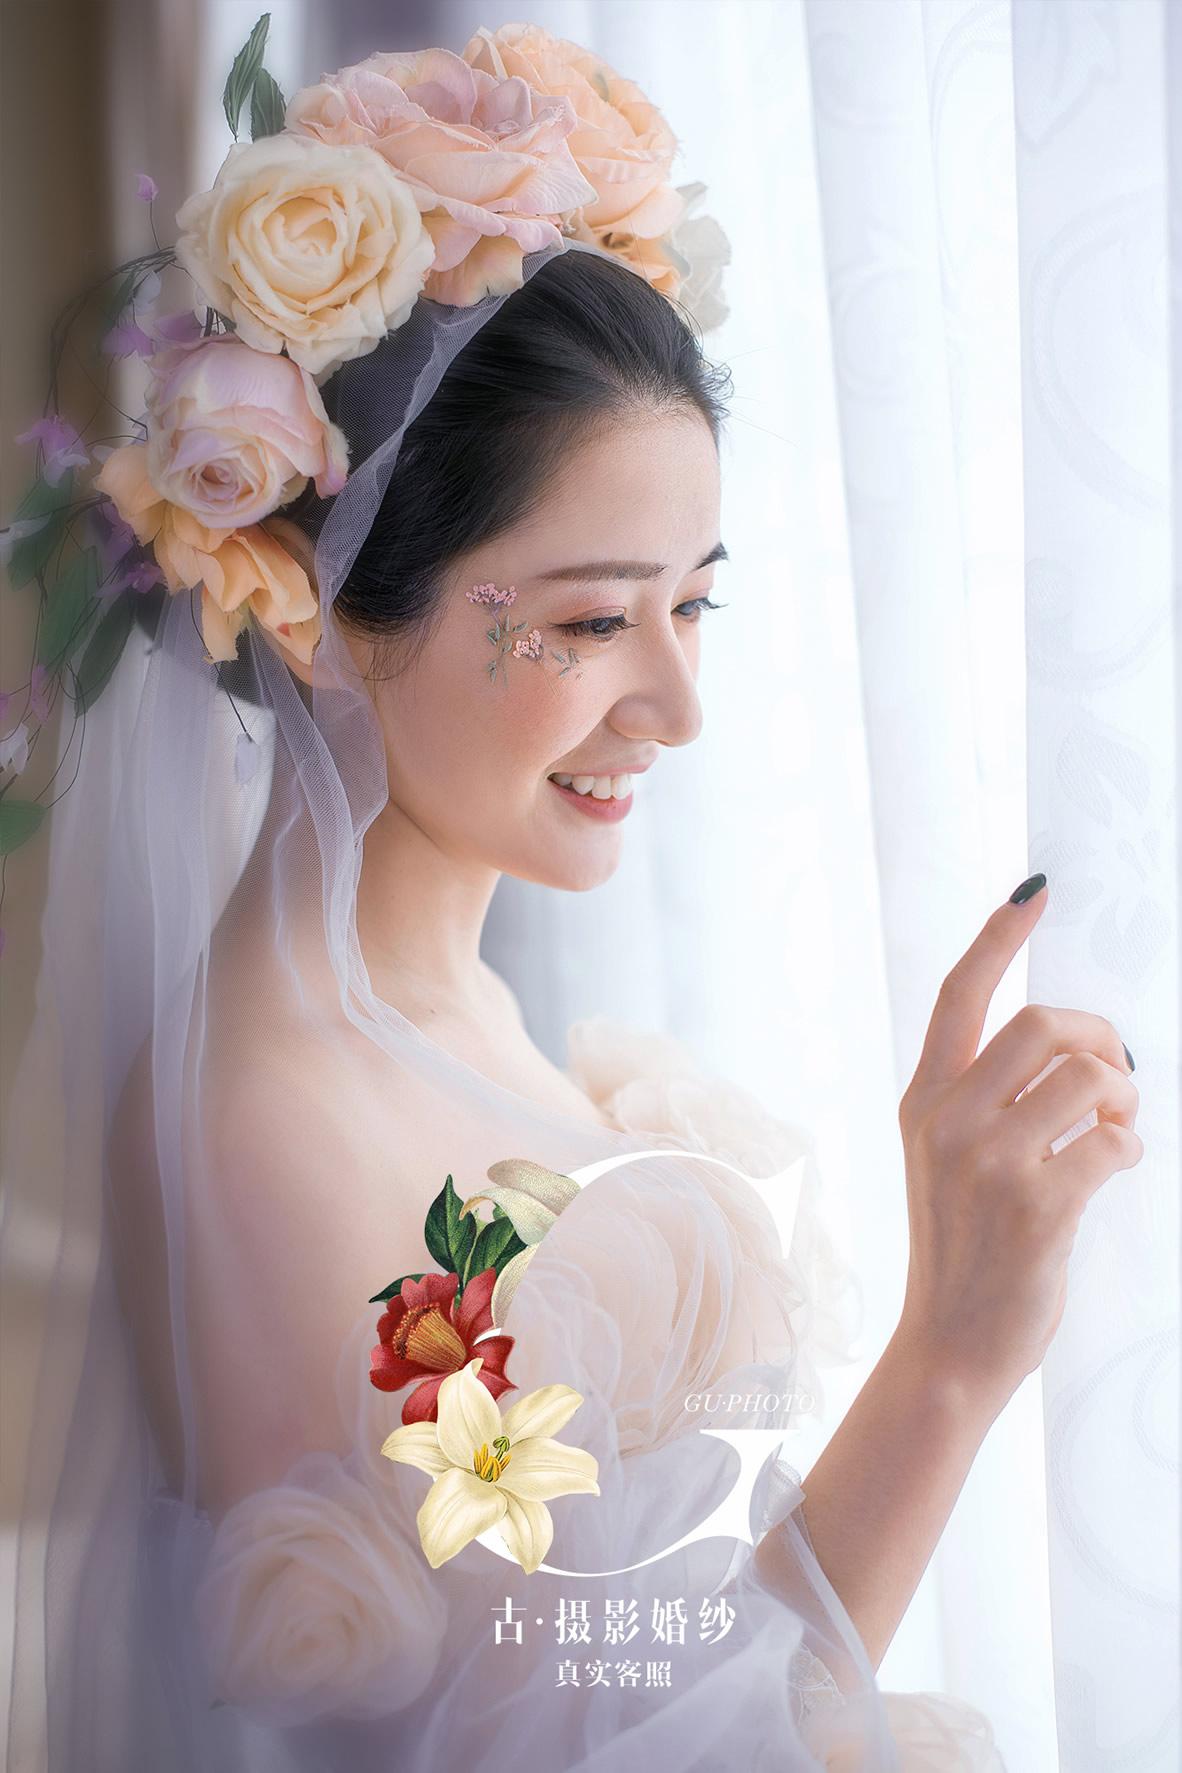 唐先生夫婦 - 每日客照 - 古攝影婚紗藝術-古攝影成都婚紗攝影藝術攝影網